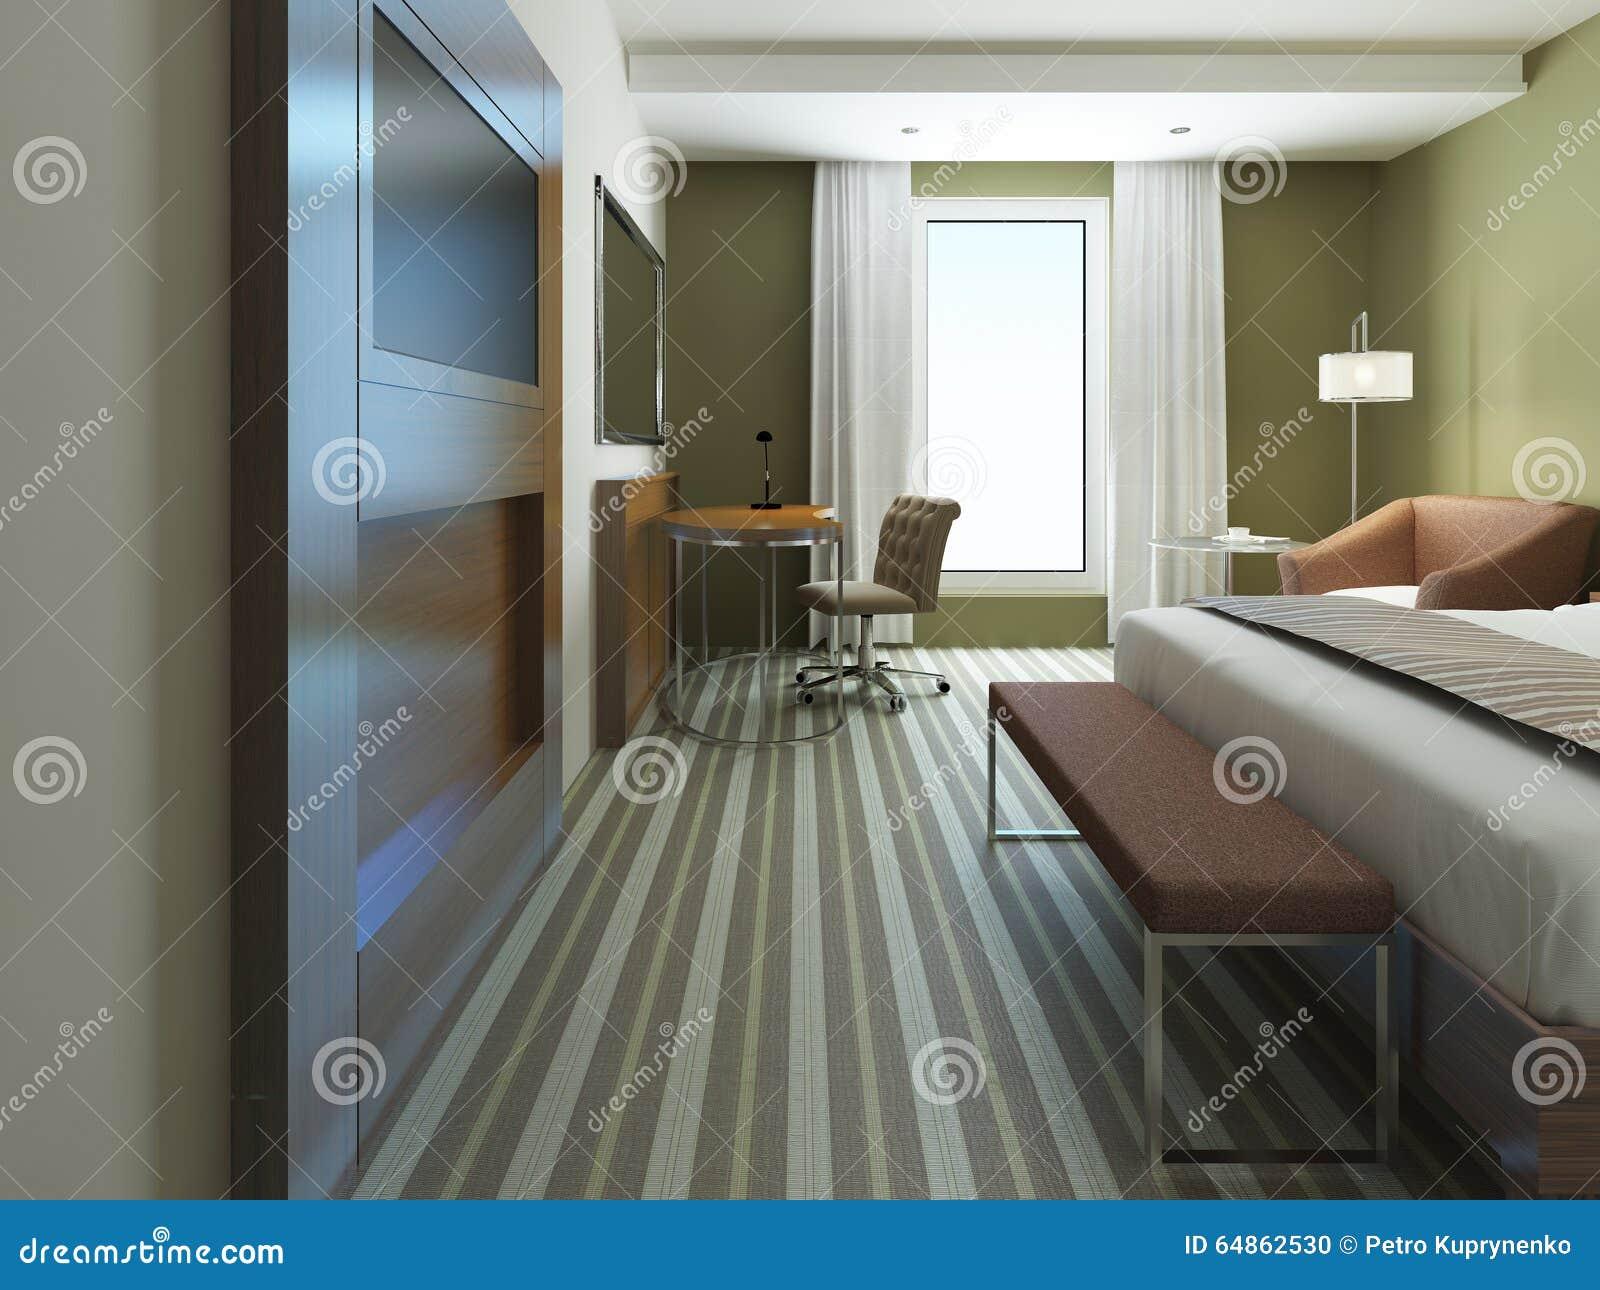 Camera Da Letto Stile Minimalista : Grande camera da letto nello stile minimalista fotografia stock